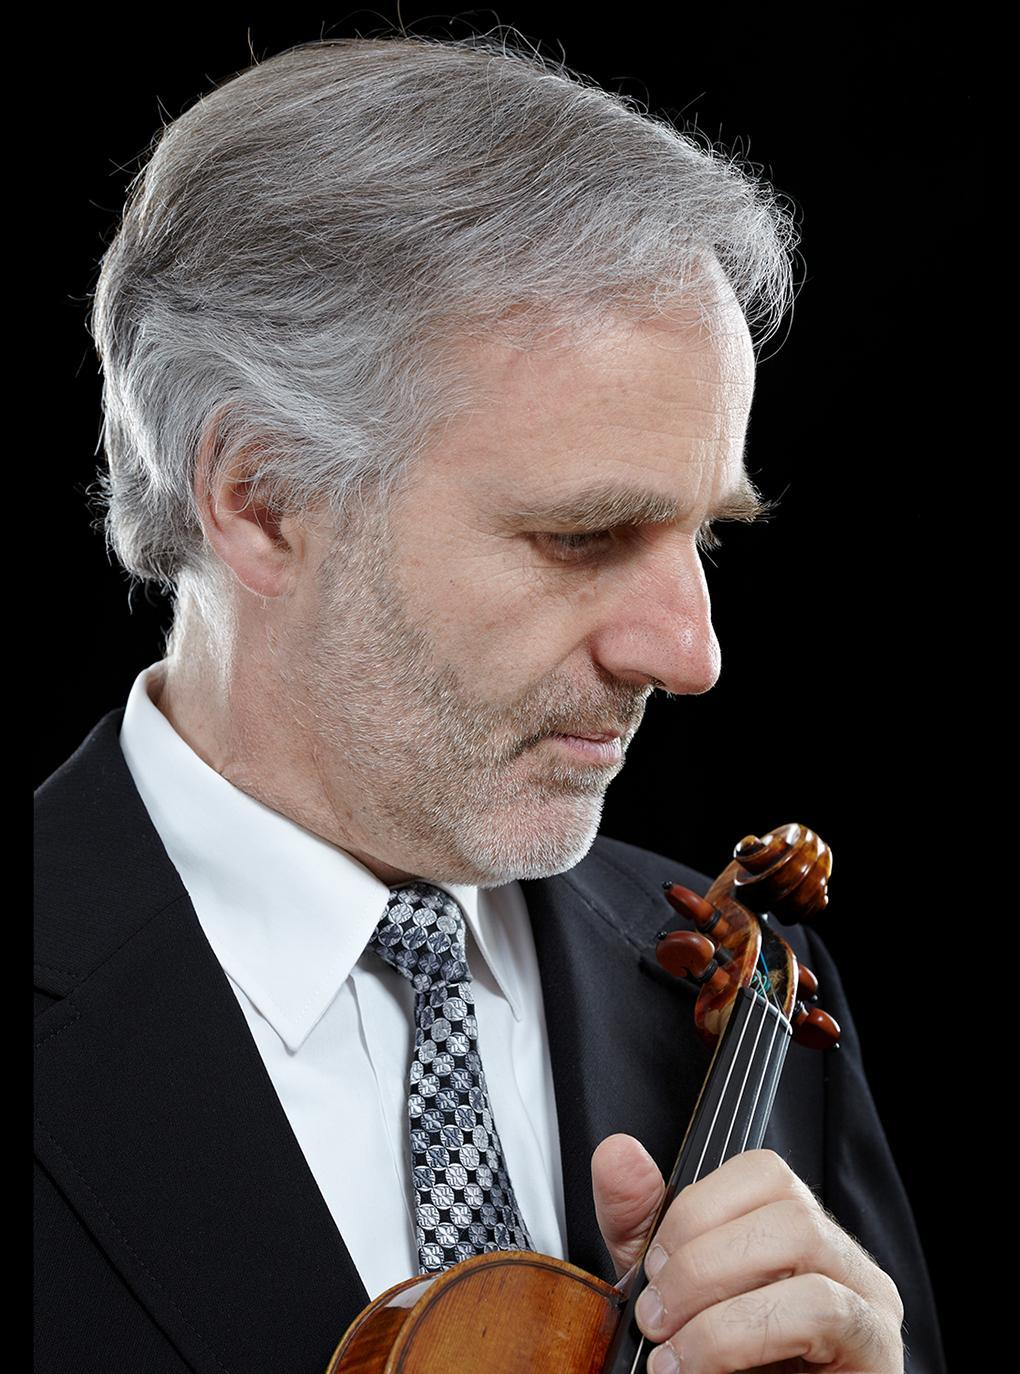 苏州 维也纳爱乐乐团第一首席独奏家音乐会